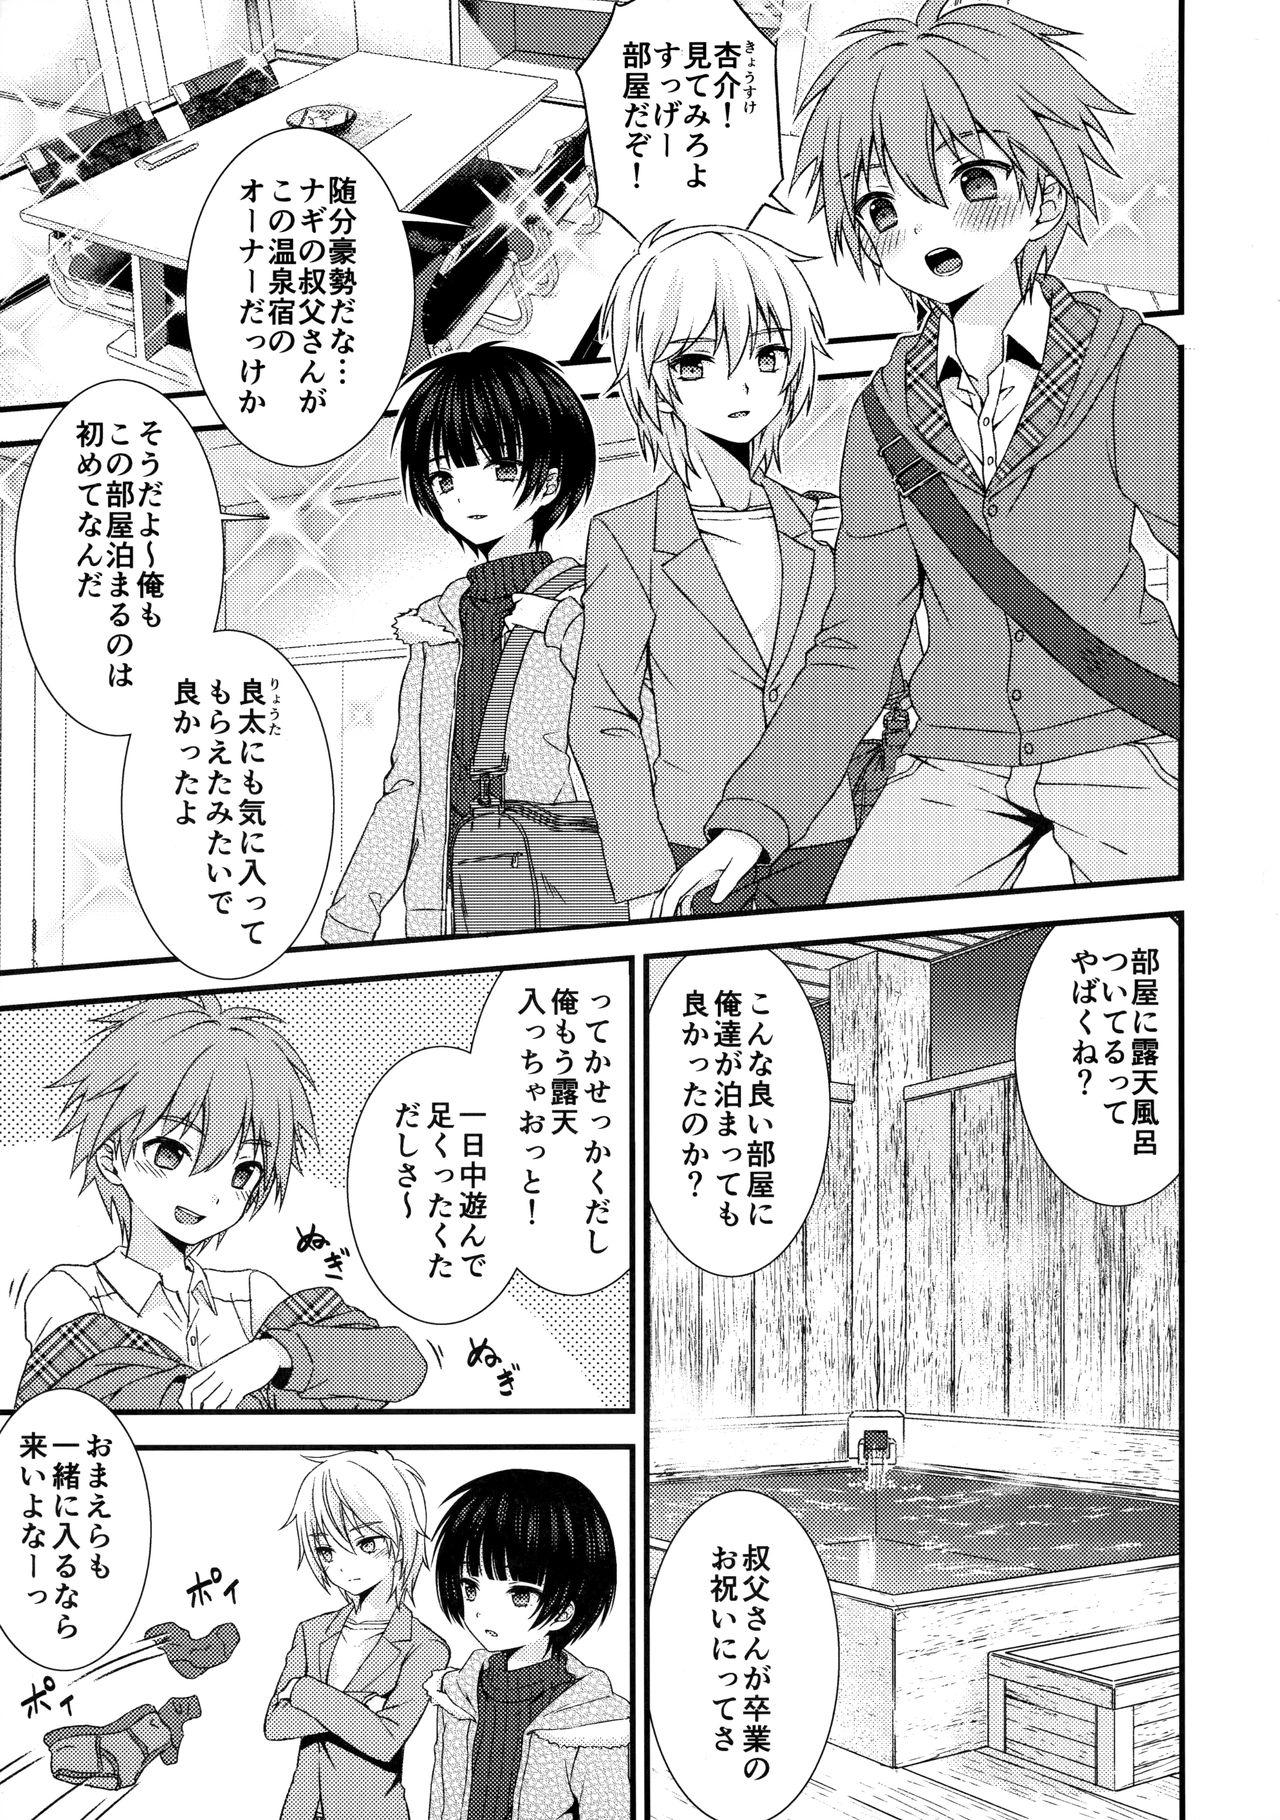 Nagasare 3P Sotsugyou Ryokou 3